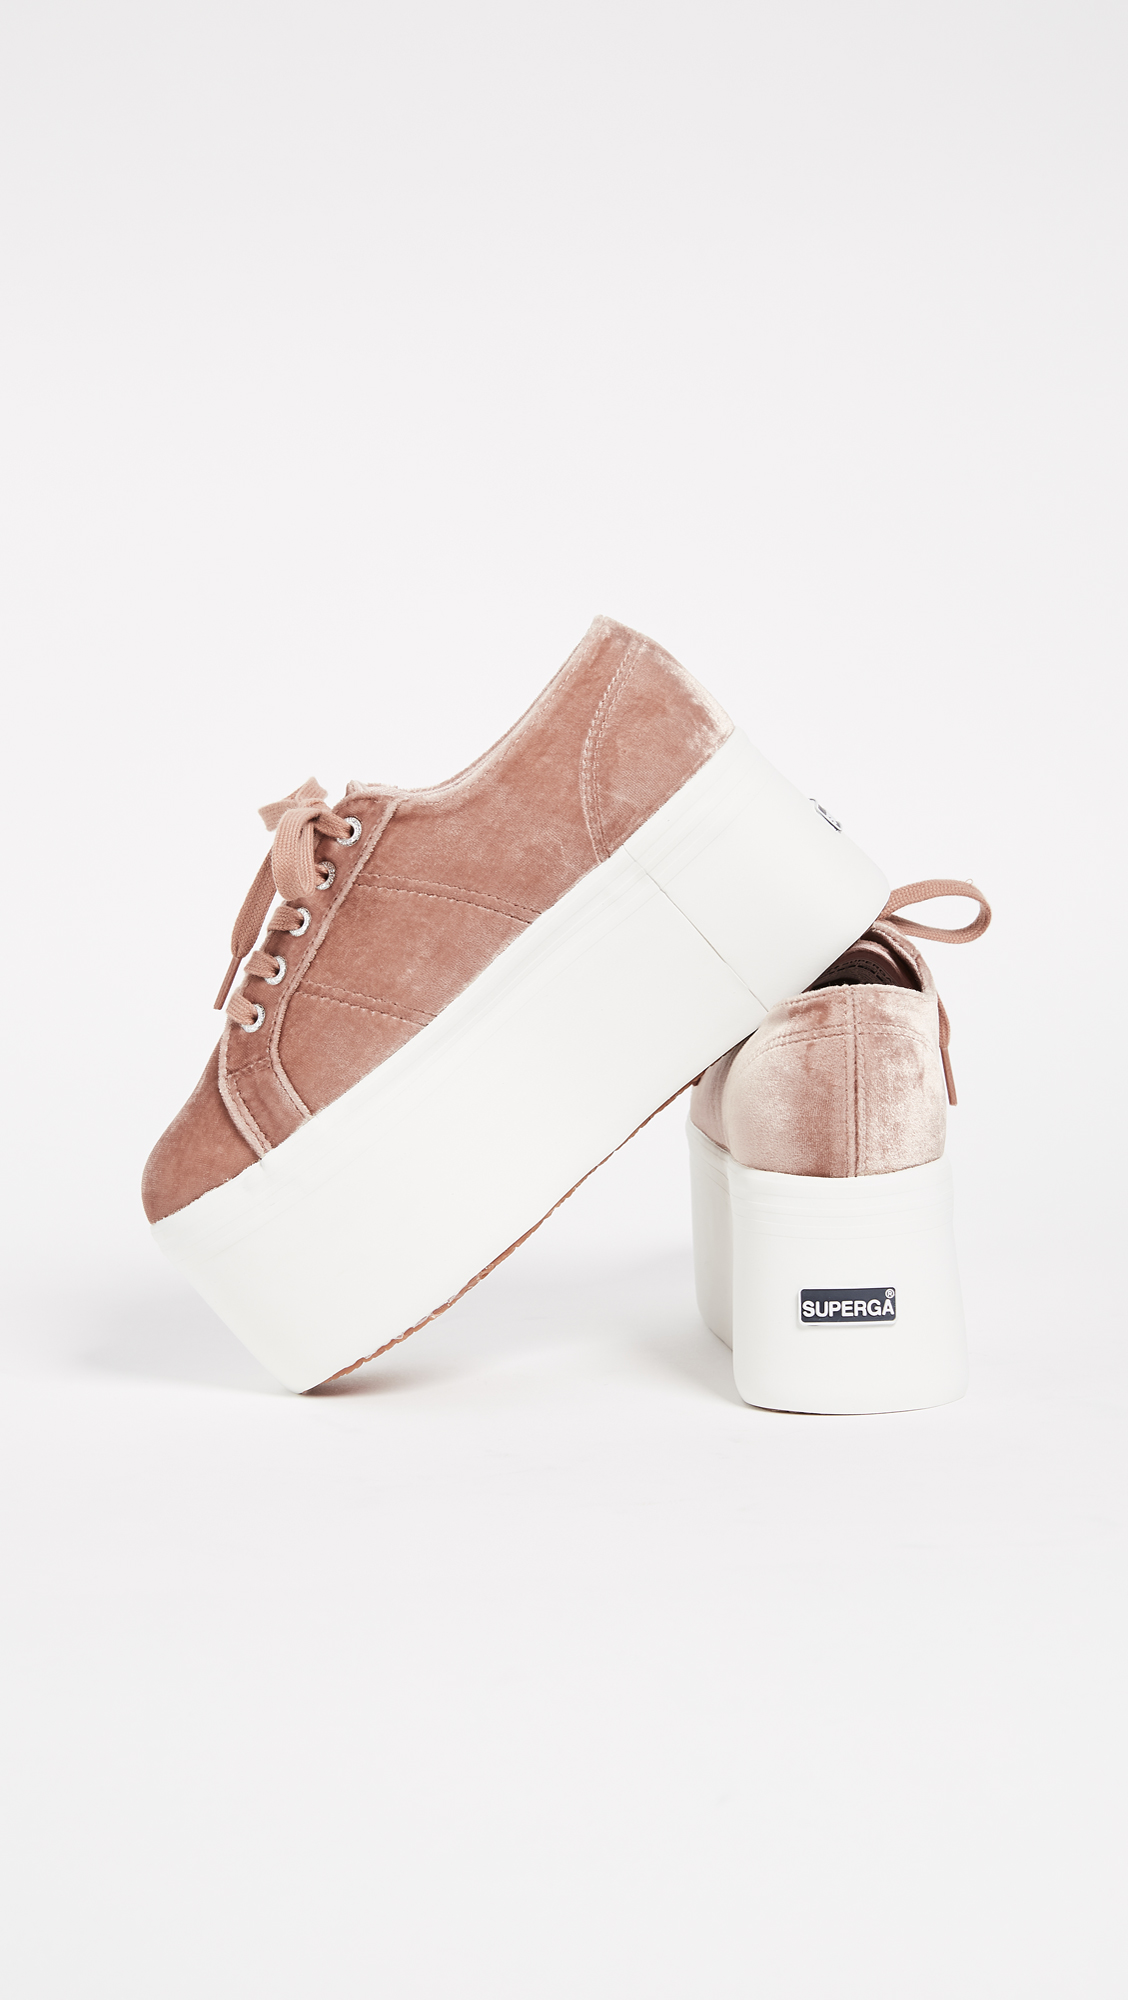 d70a7e50a83 Superga 2802 Velvet Super Platform Sneakers